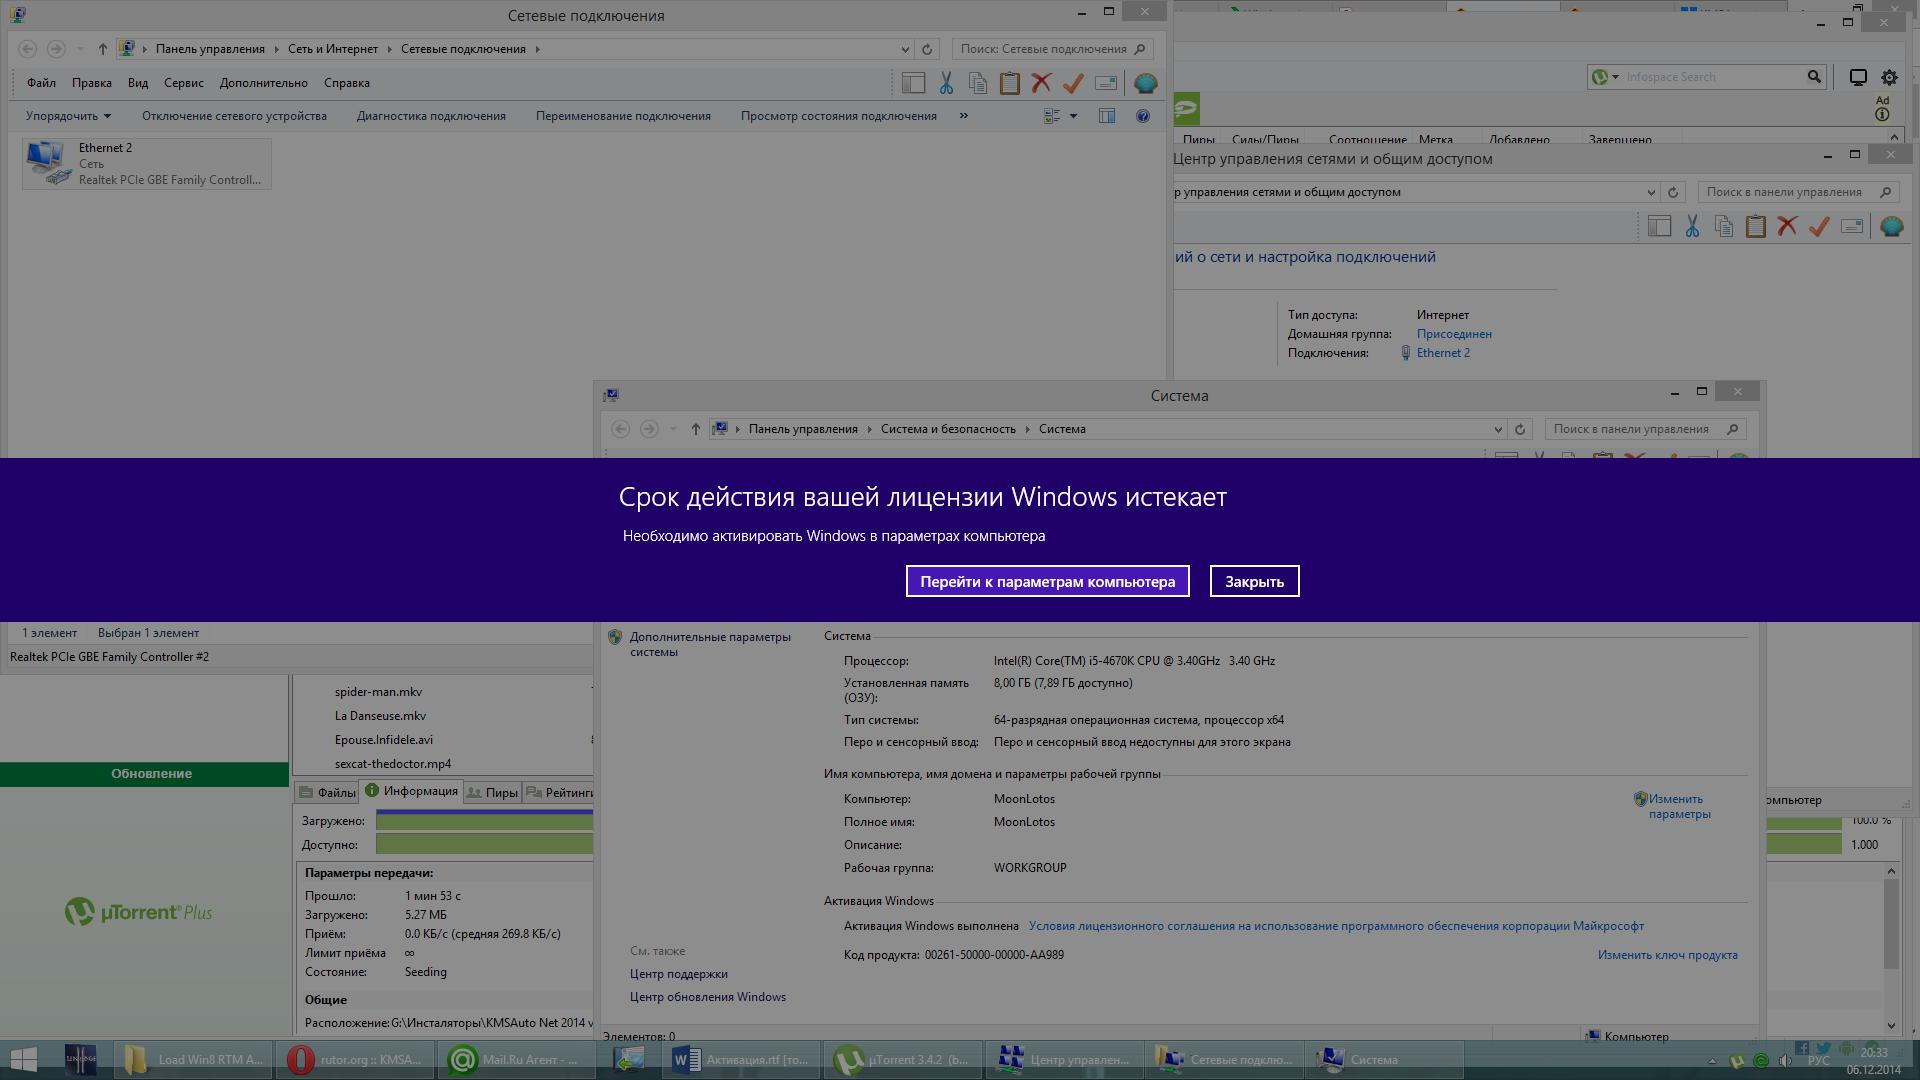 Как из не лицензии сделать лицензию windows 7 464